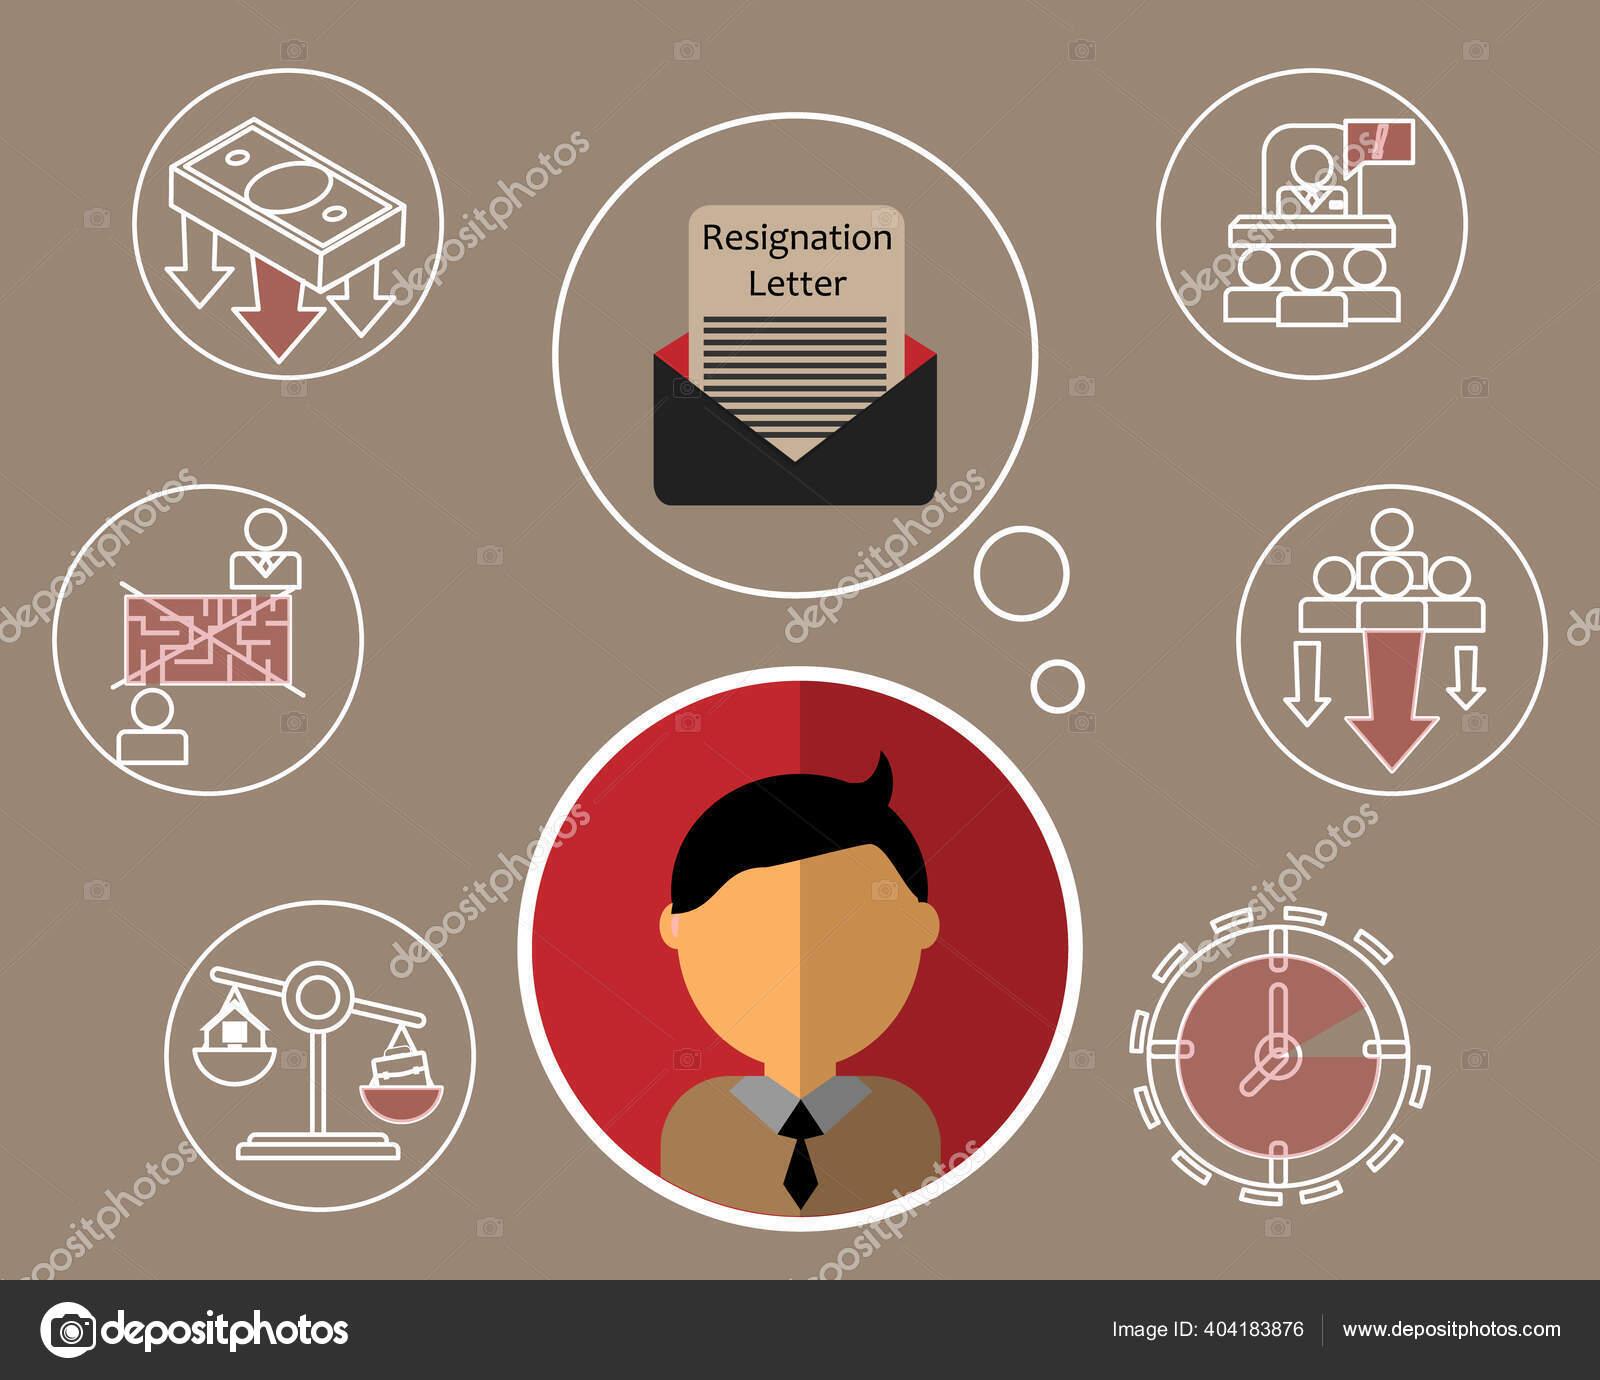 Carta de renuncia Imágenes Vectoriales, Ilustraciones Libres de Regalías de  Carta de renuncia | Depositphotos®